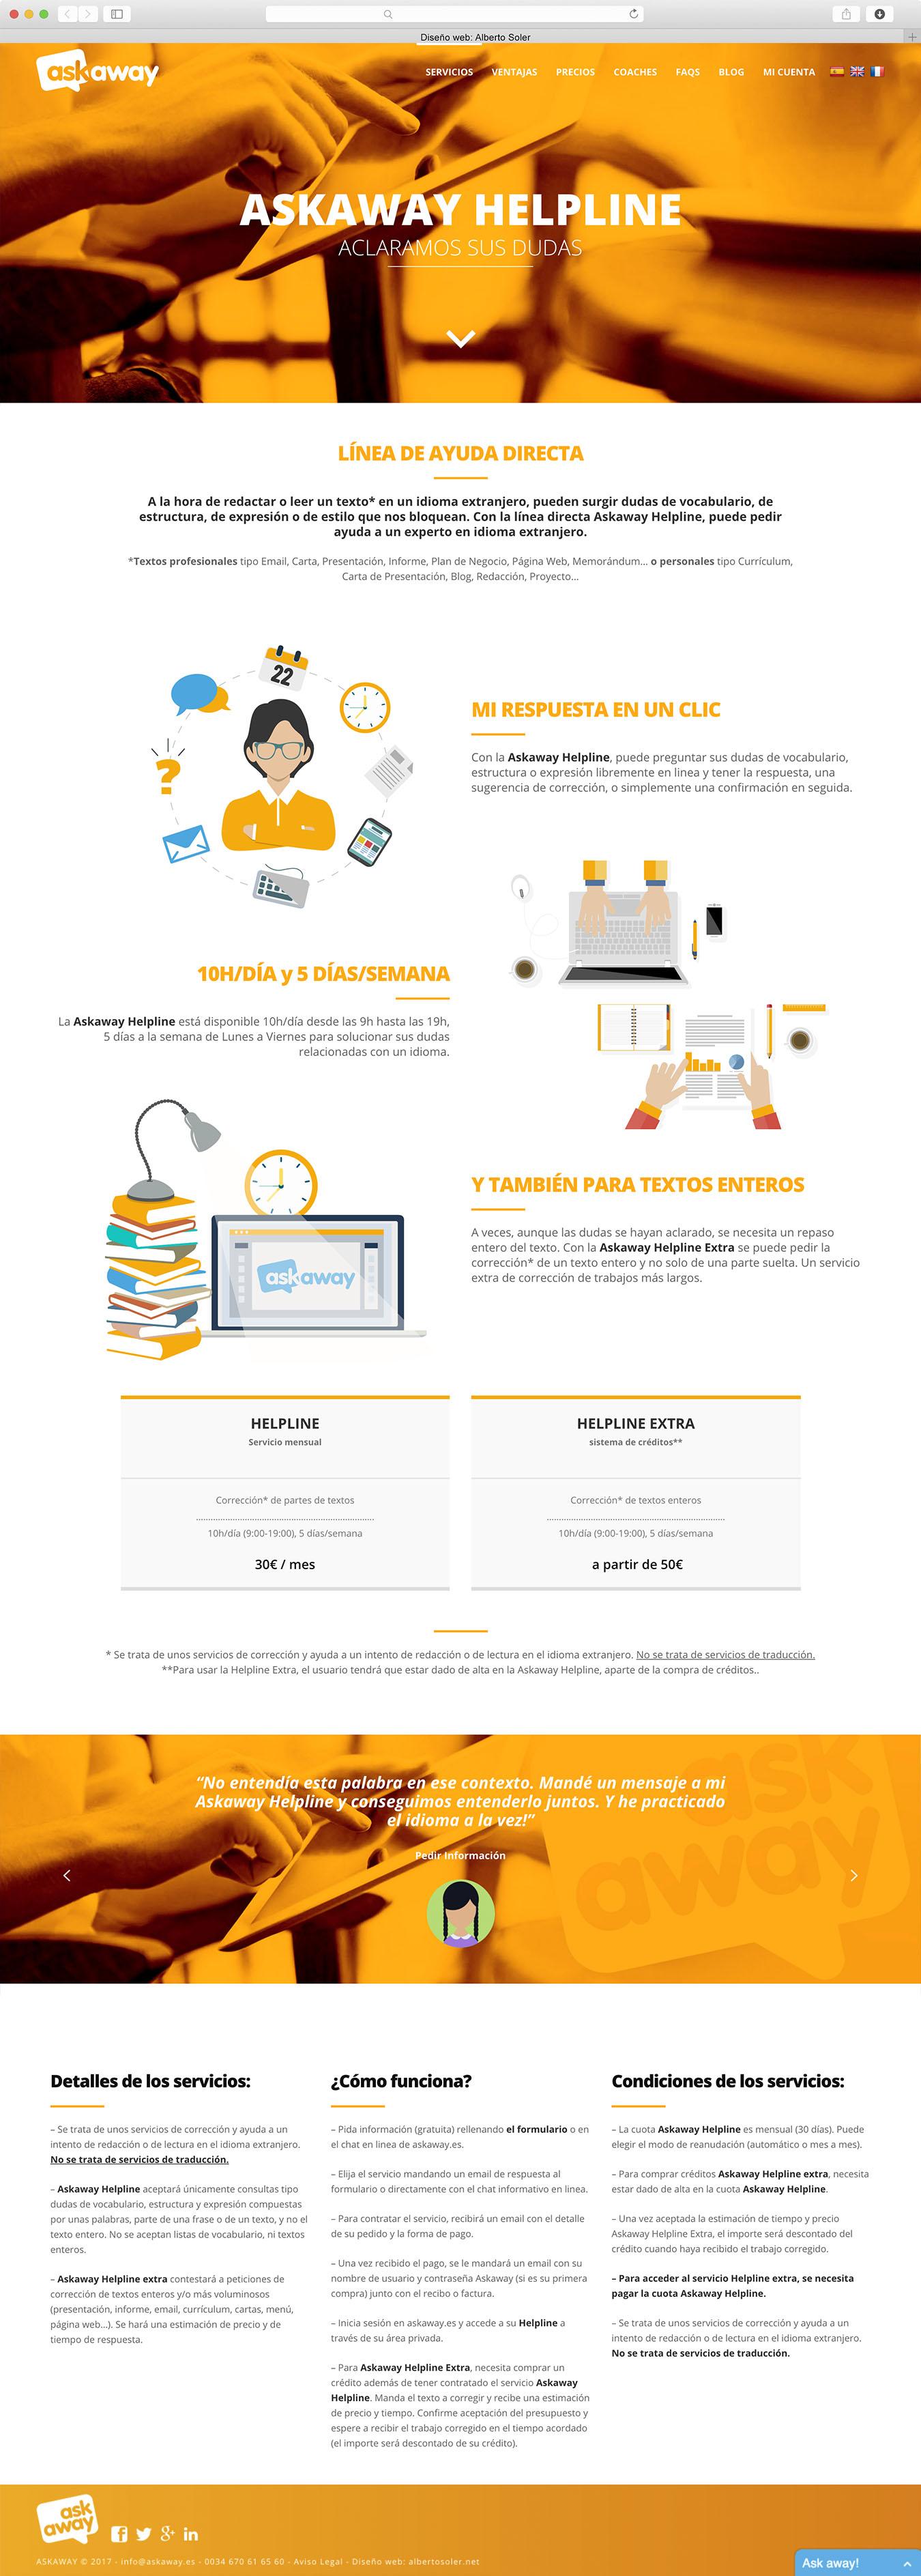 Askaway Web – Alberto Soler | Diseñador gráfico freelance